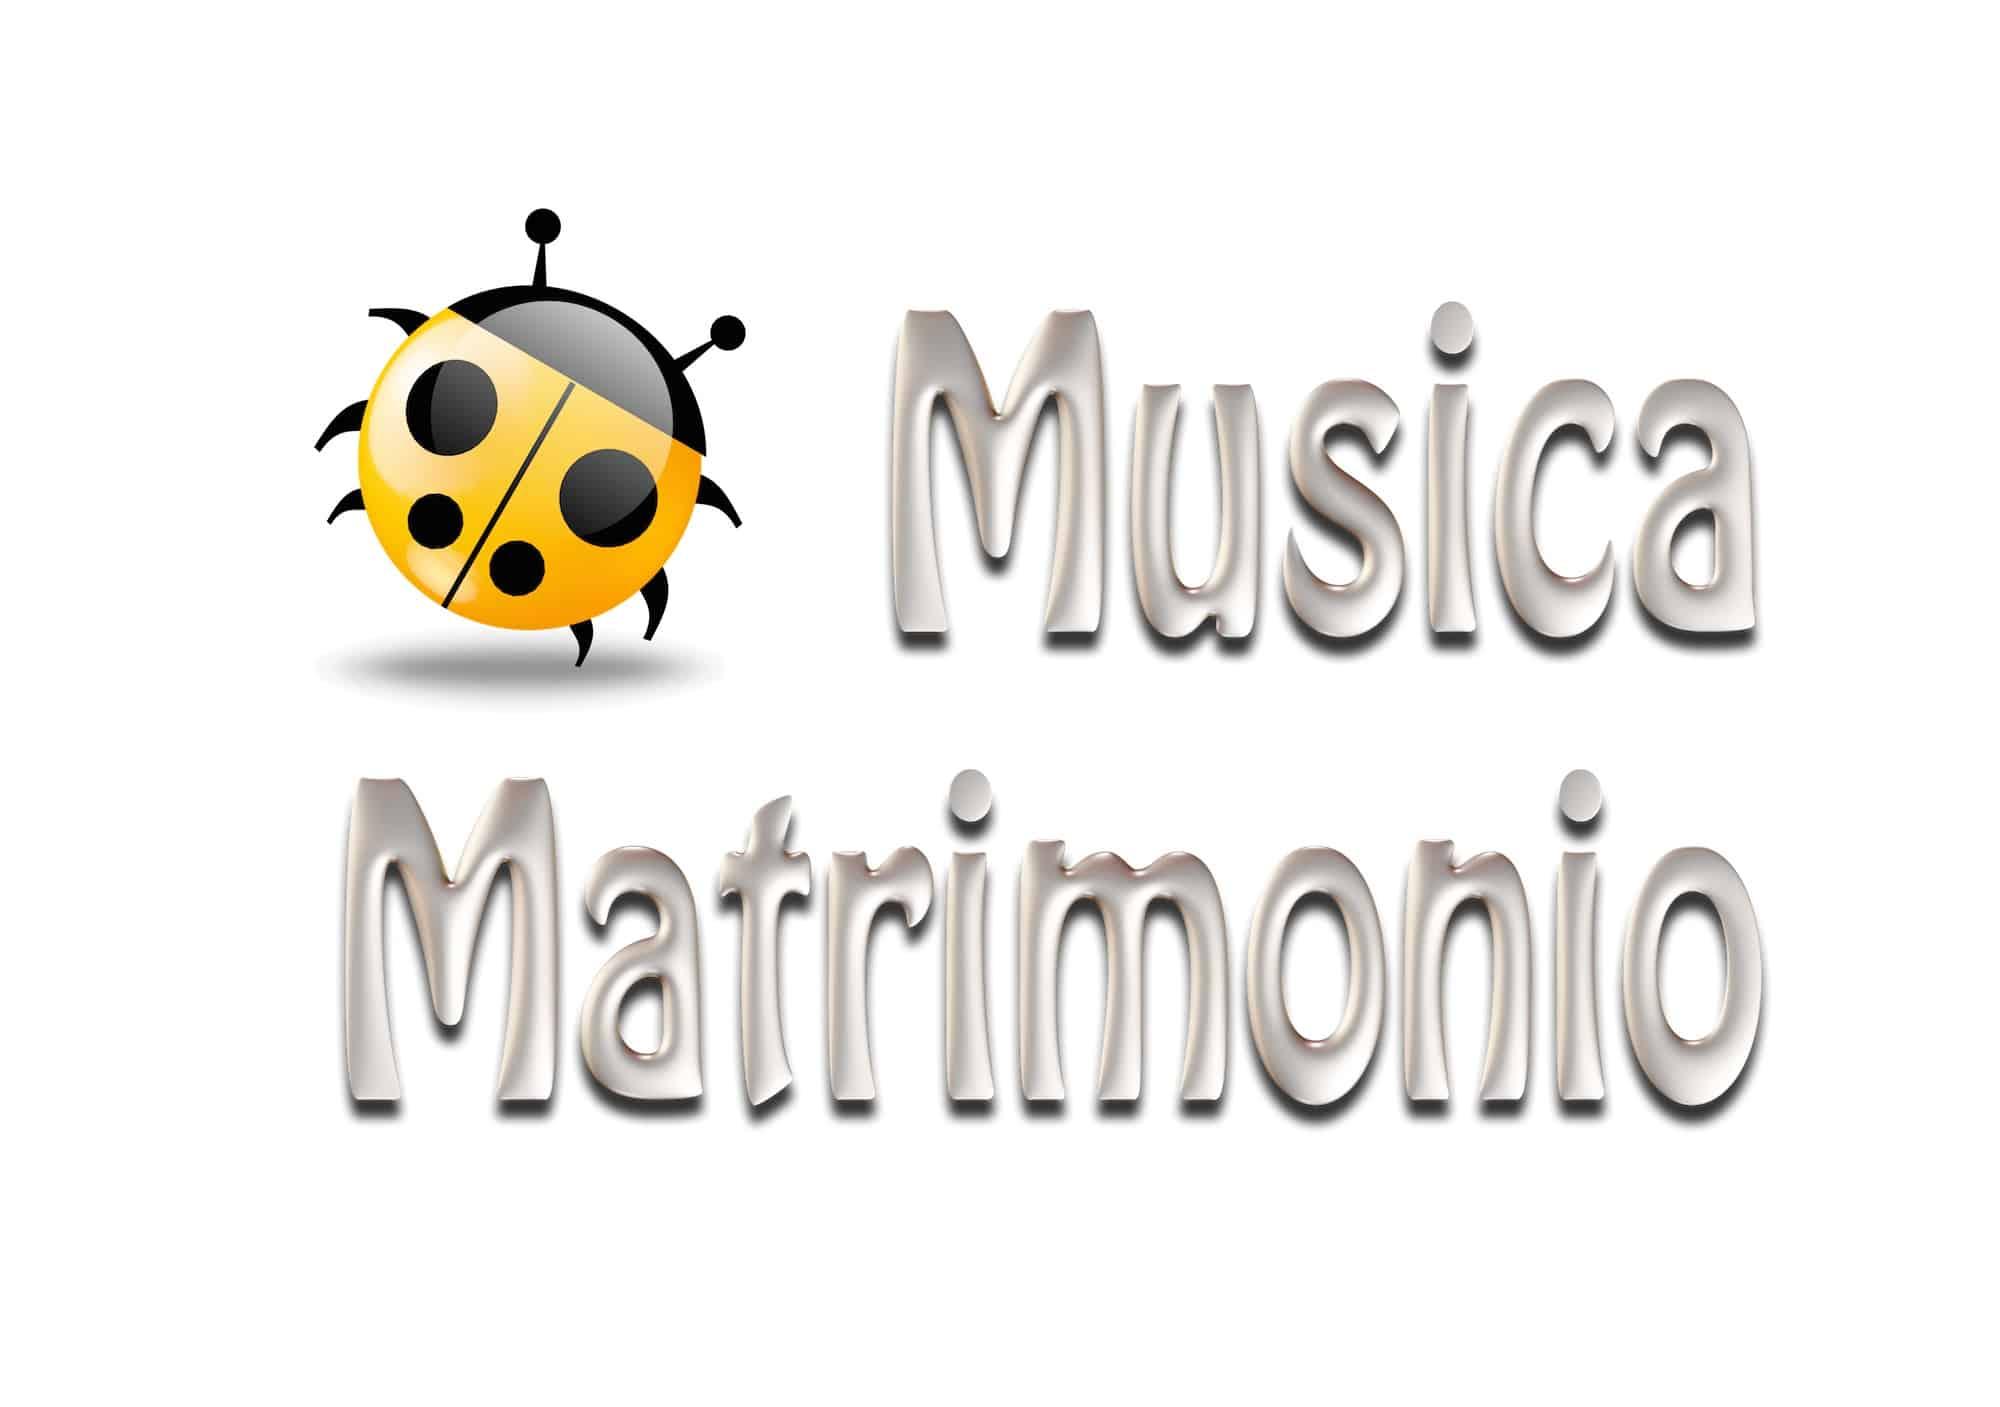 Musica per Matrimonio - LOGO 1